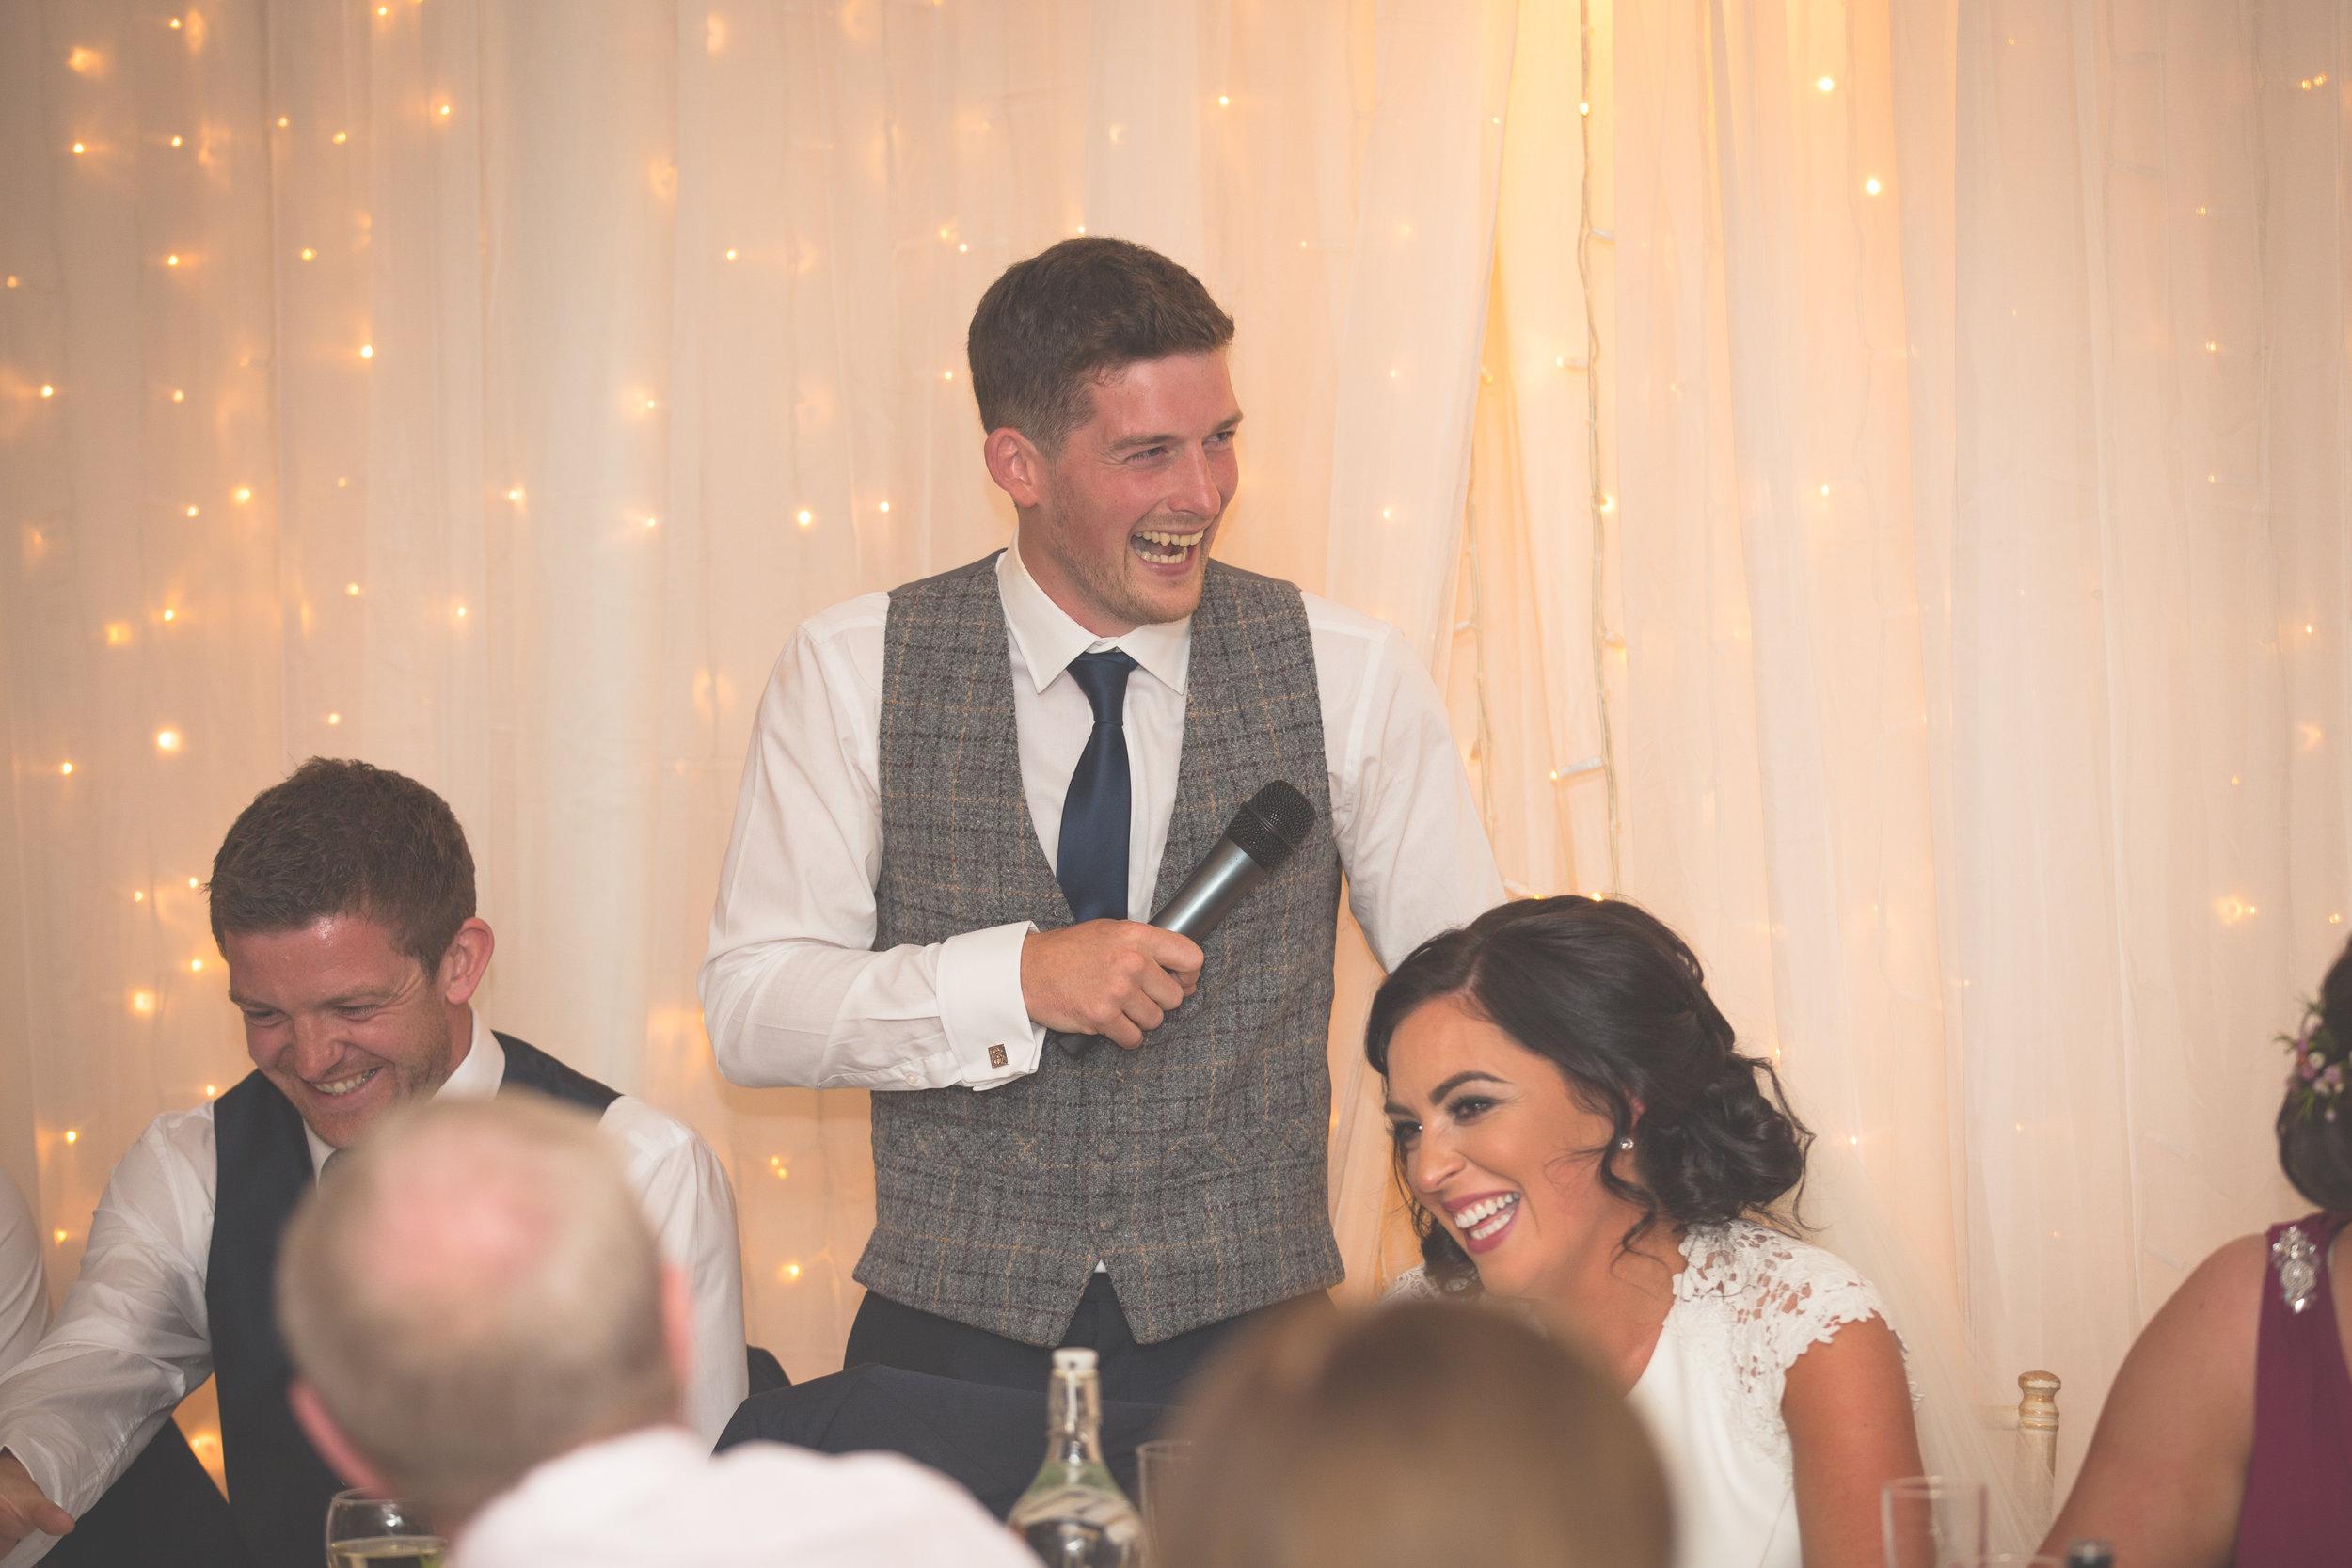 Brian McEwan Wedding Photography | Carol-Anne & Sean | The Speeches-91.jpg